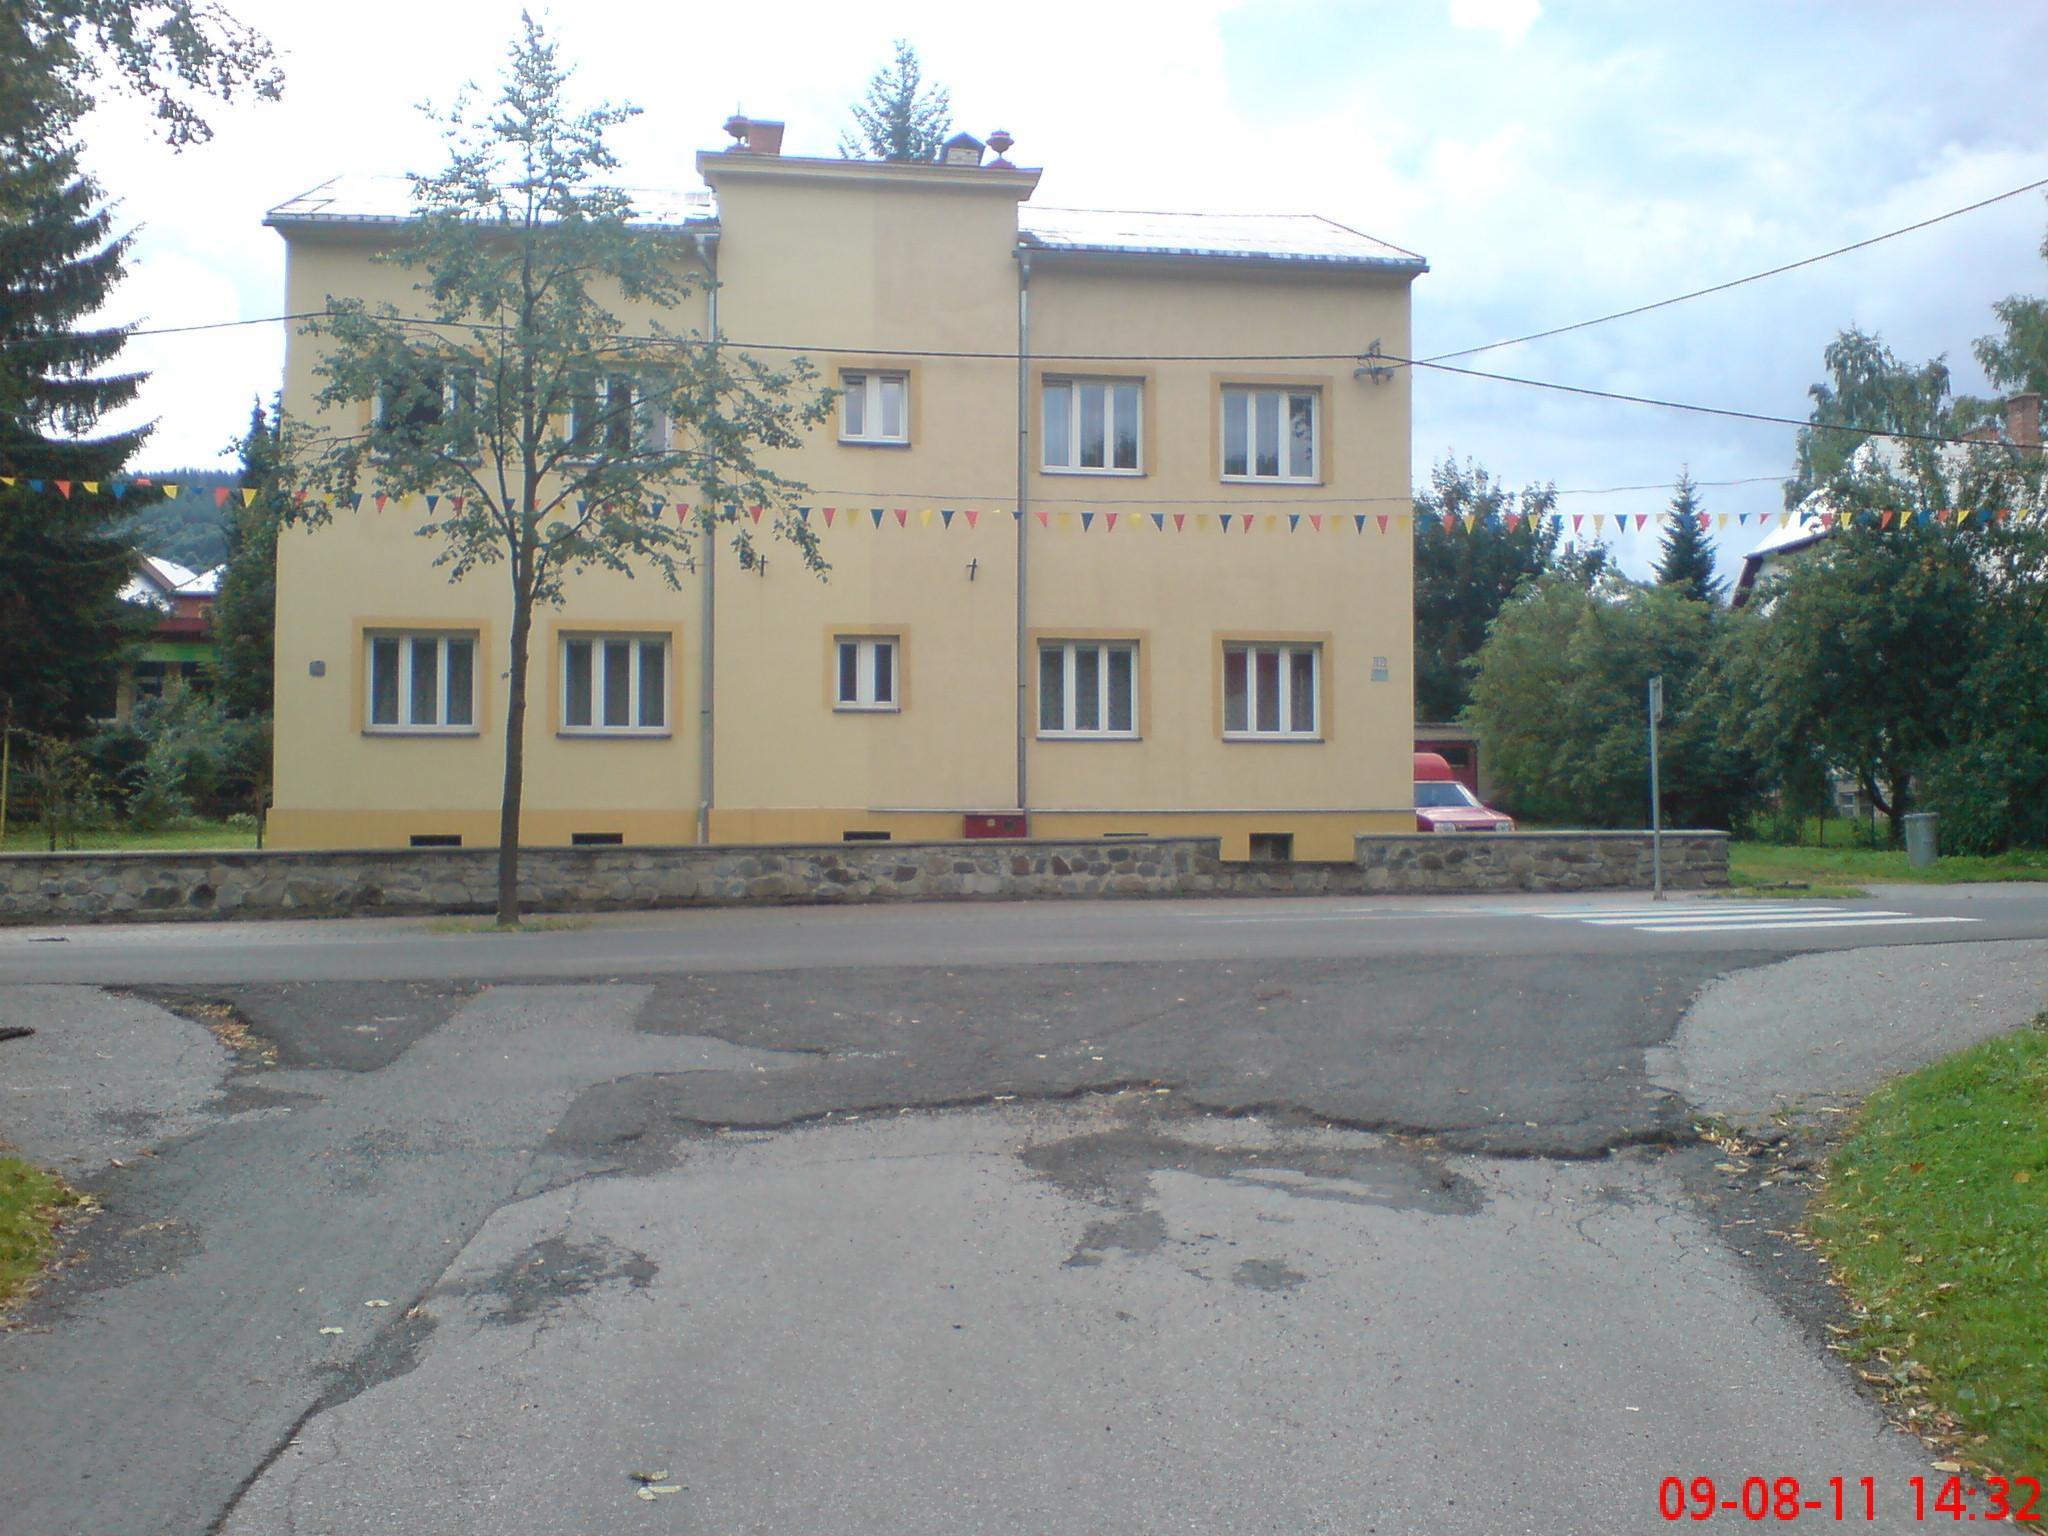 DSC00063, obrázek se otevře v novém okně